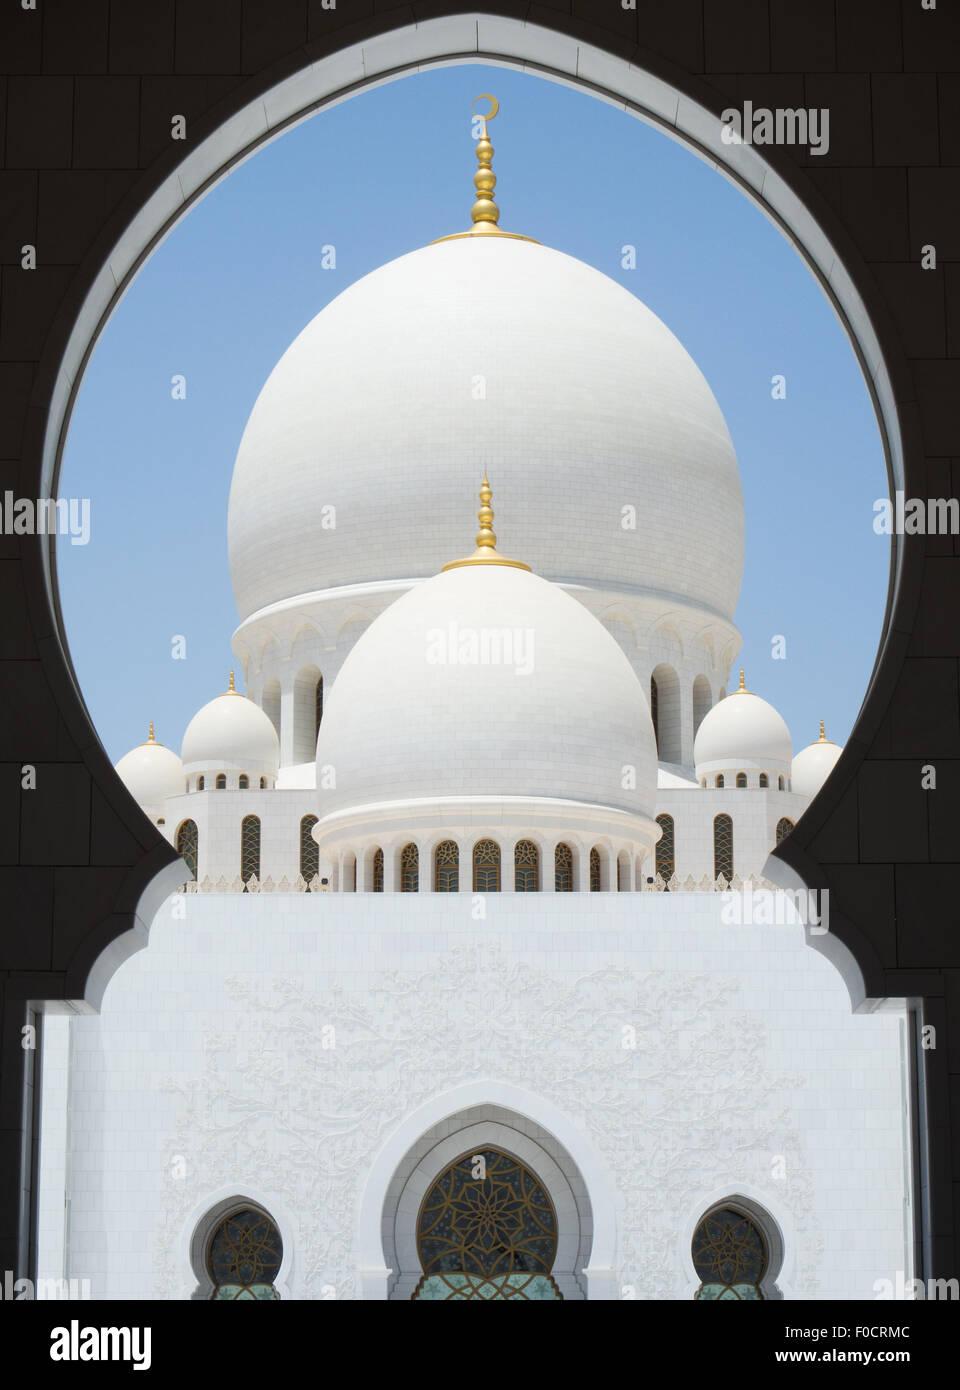 Passage de la Grande Mosquée Sheikh Zayed à Abu Dhabi, Émirats arabes unis Banque D'Images